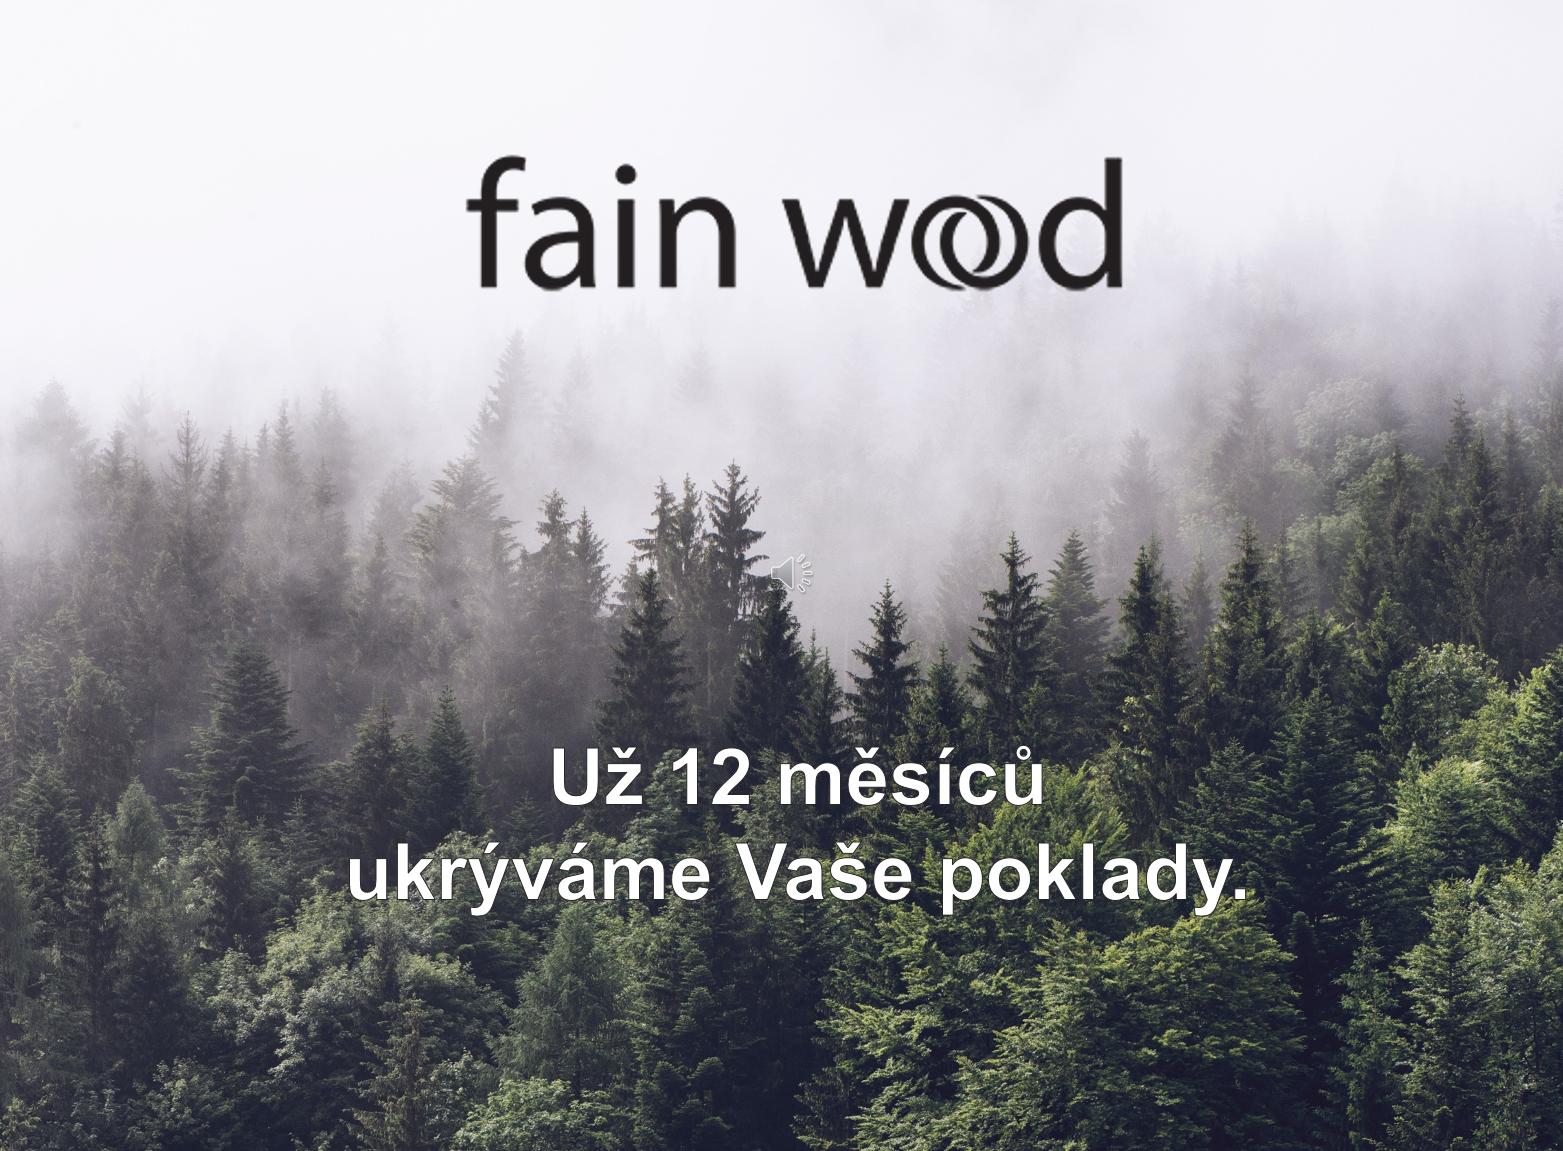 prvnirokfainwood